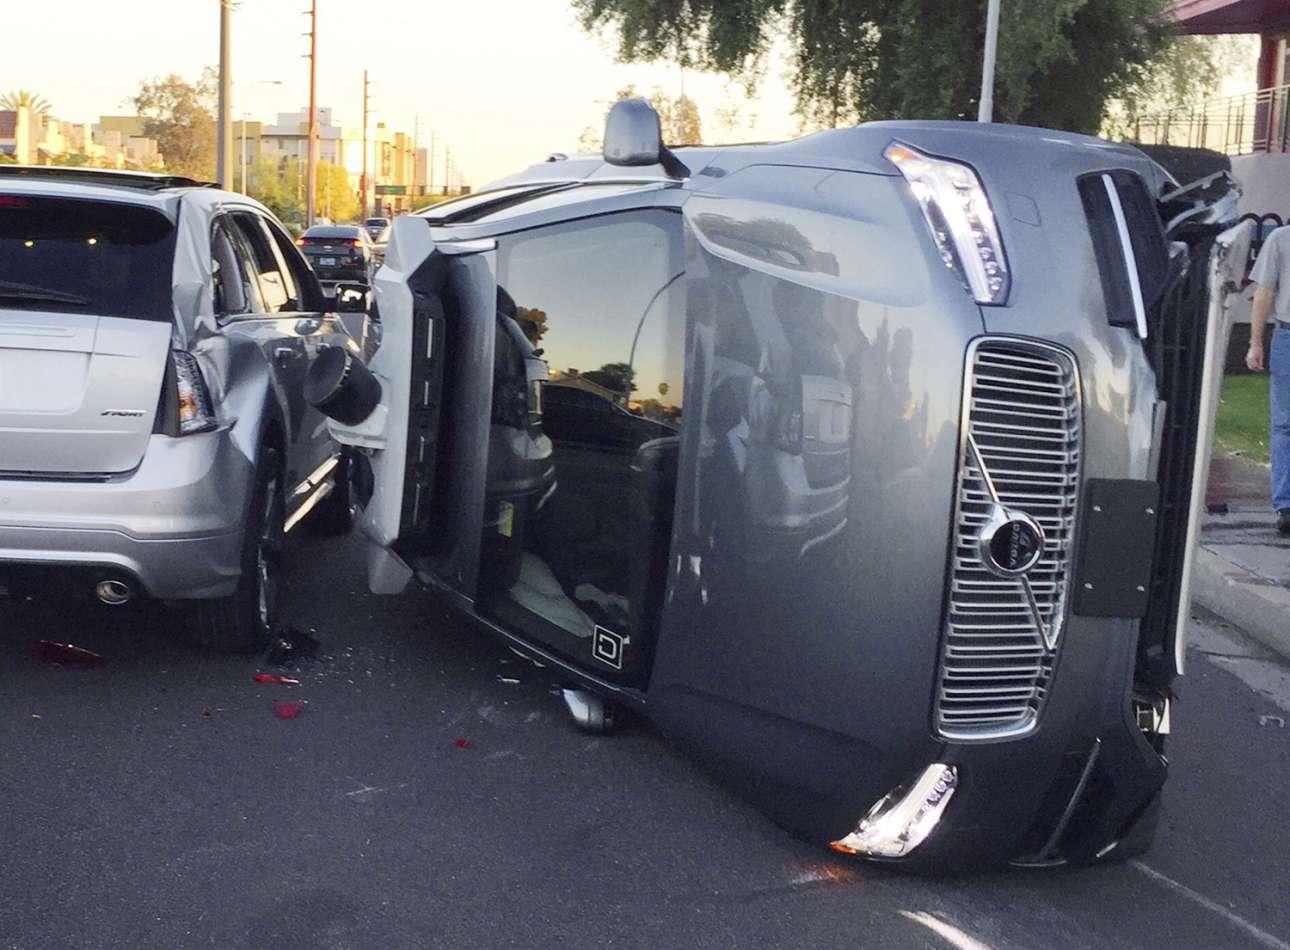 Τα κακά του αυτόματου πιλότου... Oχημα με αυτόματη οδήγηση (self driving car) της εταιρείας μεταφορών Uber αναποδογυρισμένο μετά από σύγκρουση στους δρόμους της Αριζόνα, ΗΠΑ